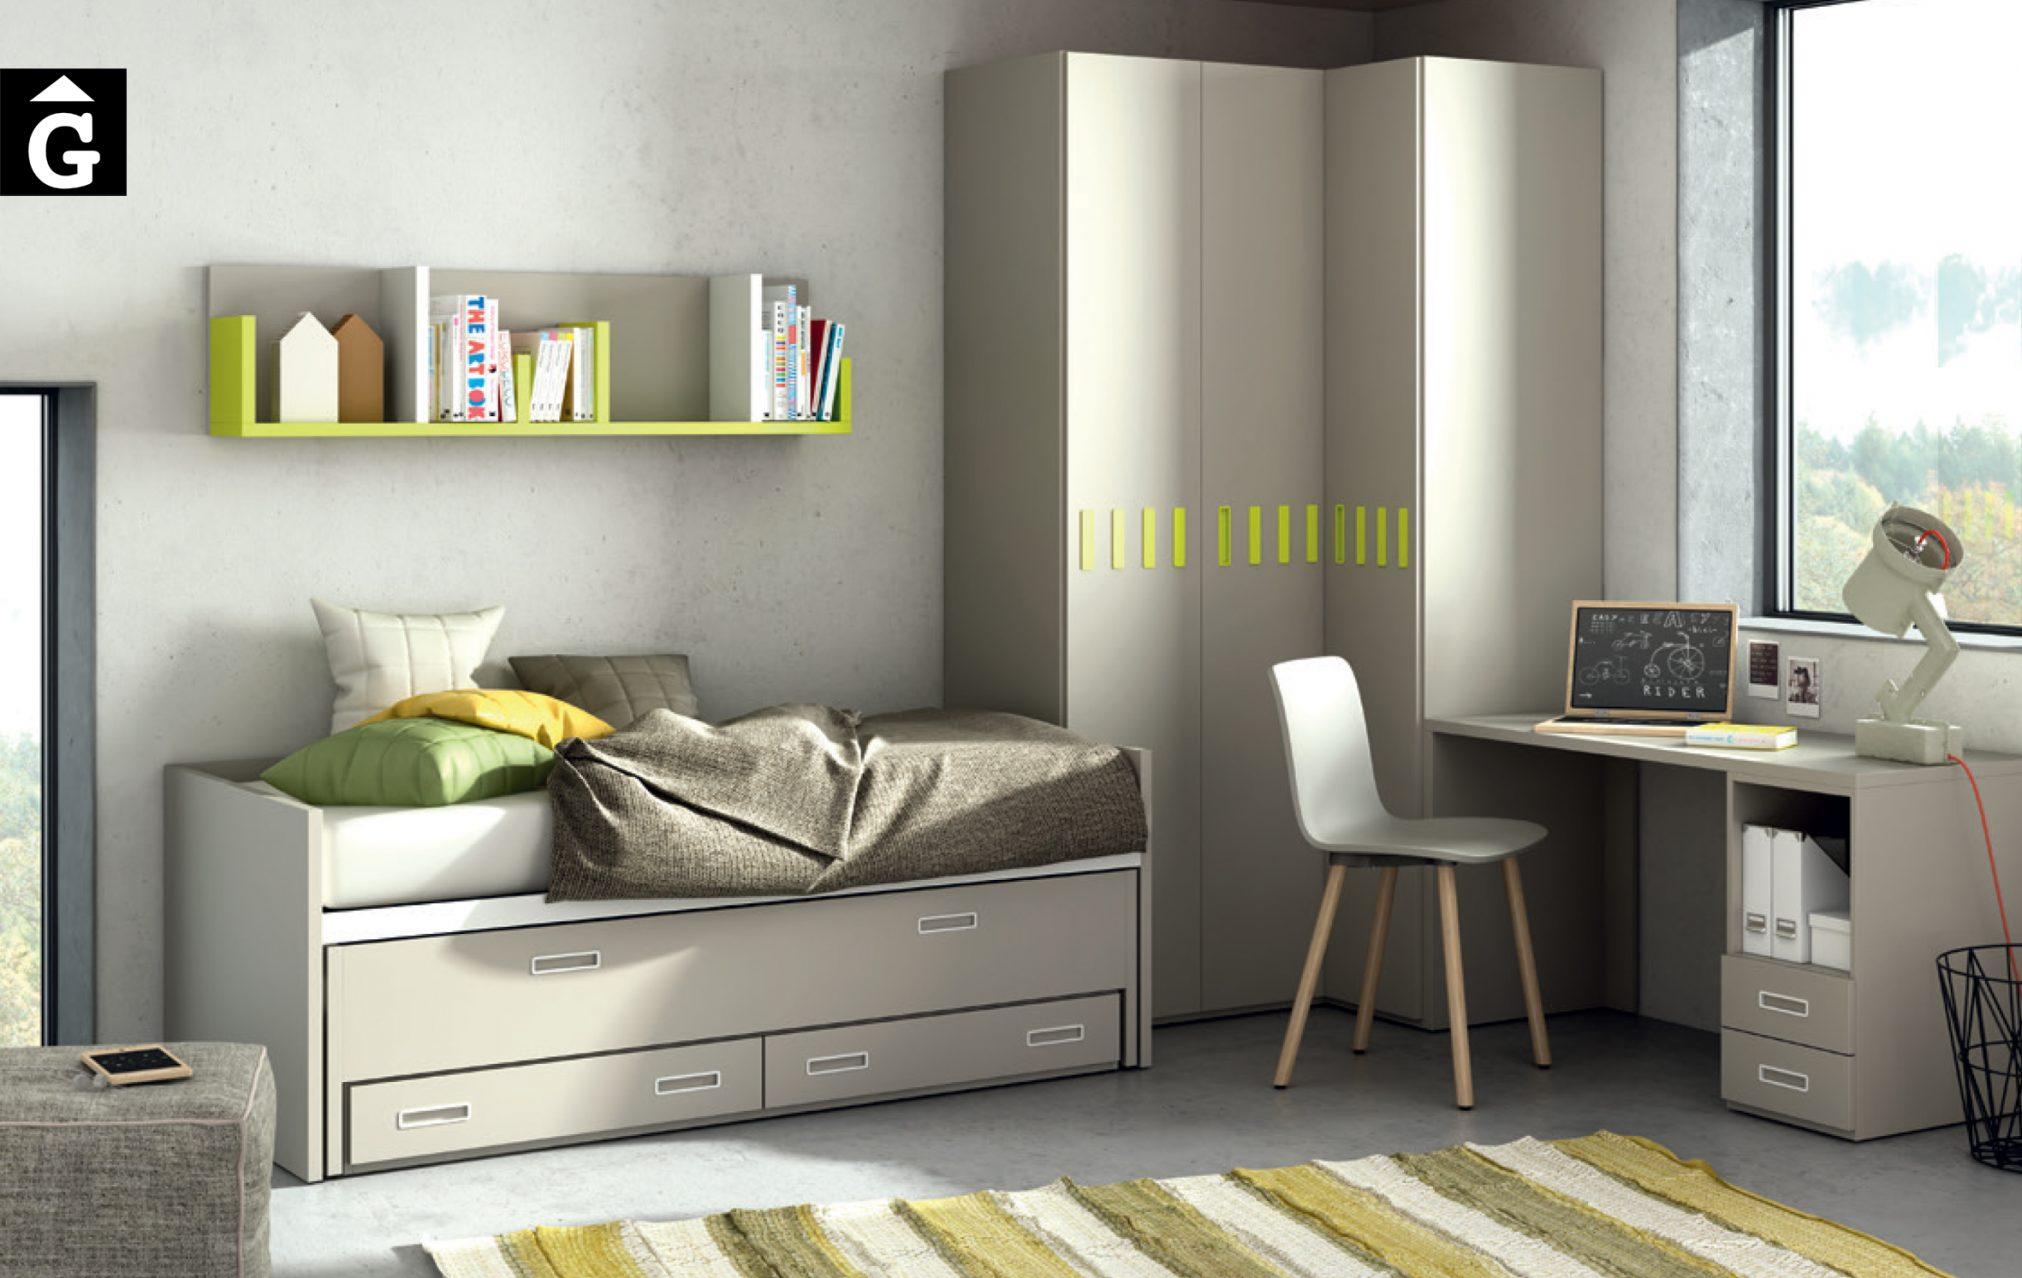 38 0 QB Tegar by Mobles GIFREU Girona modern minim elegant atemporal